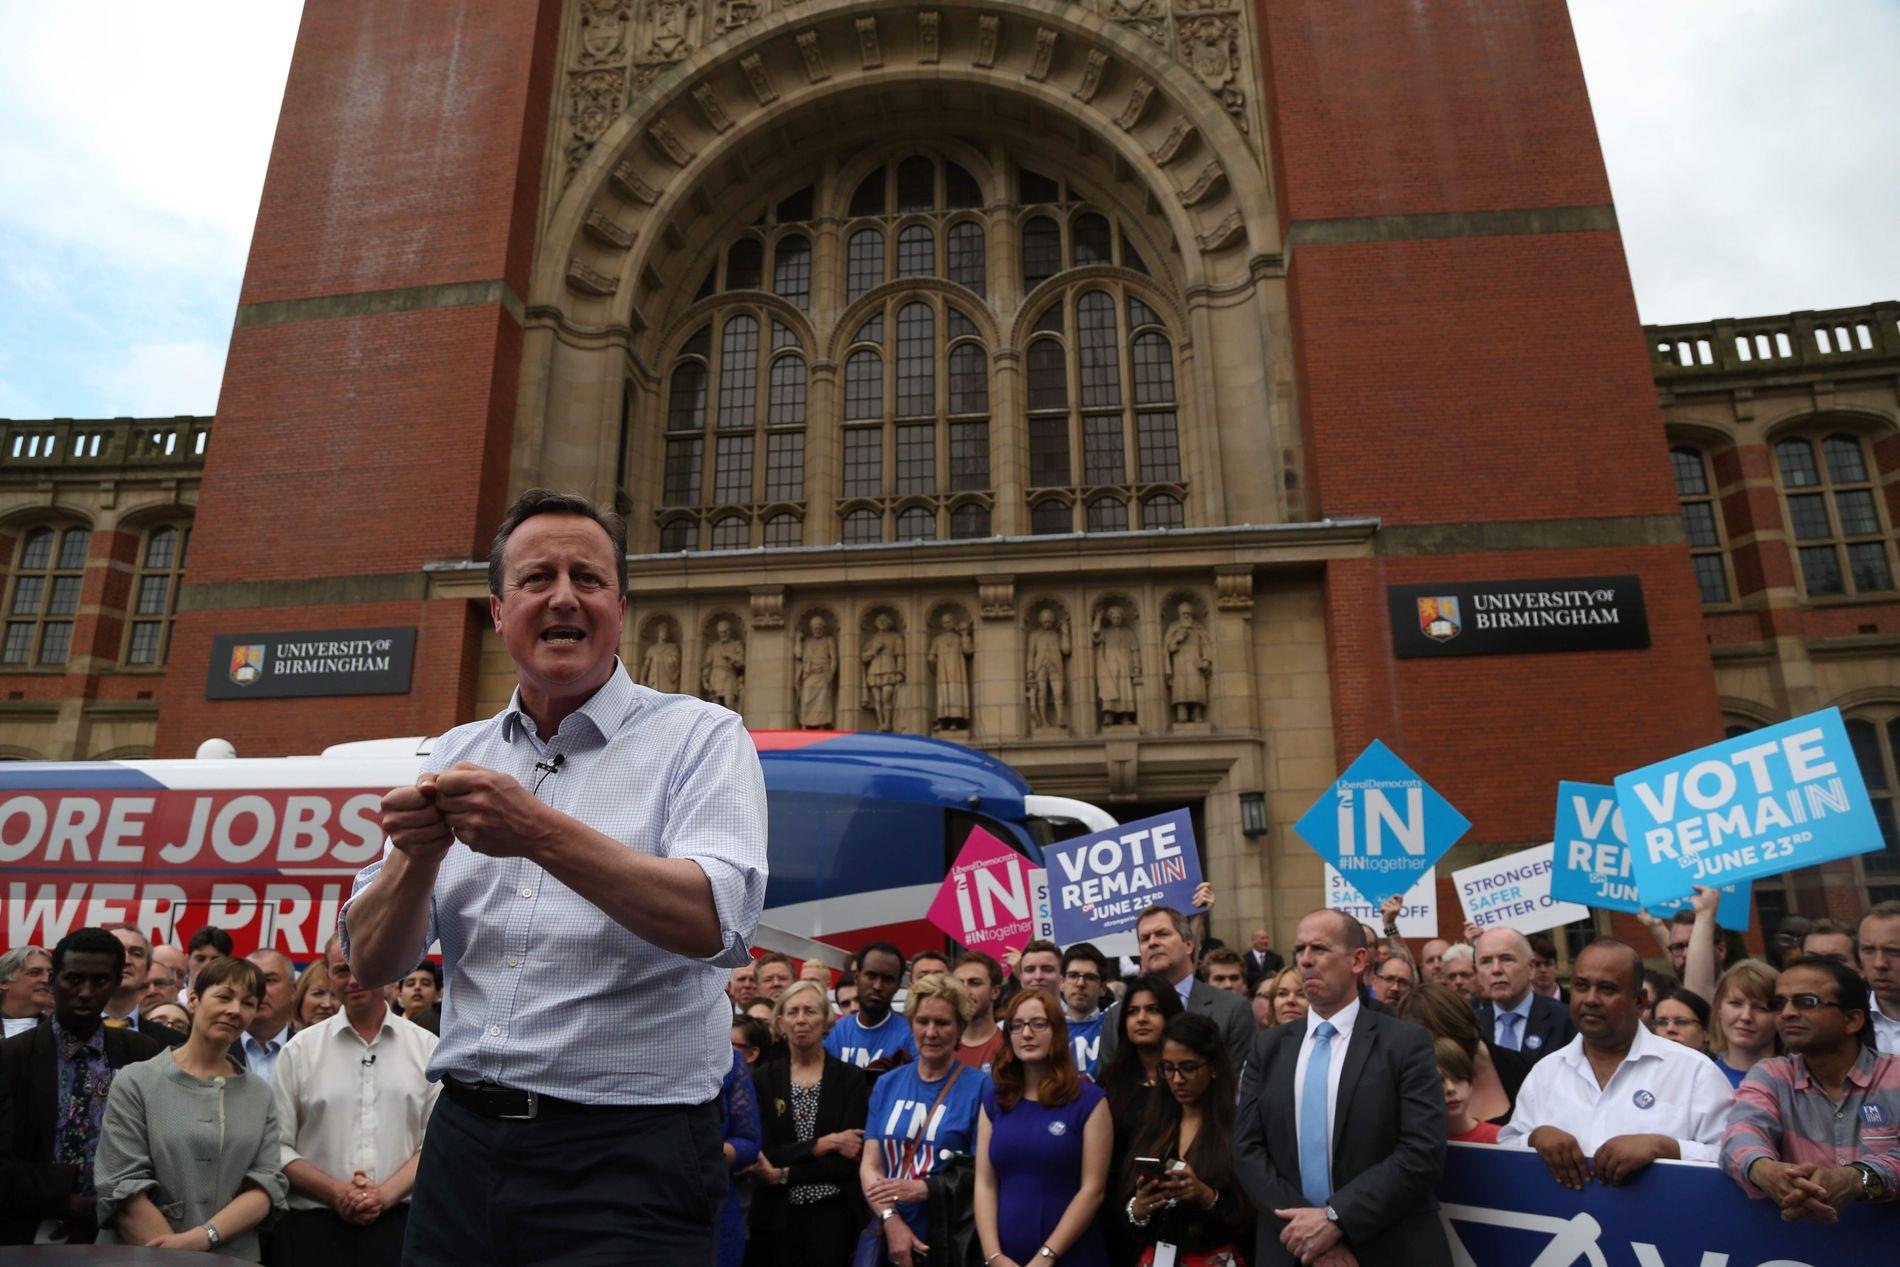 EN SISTE APPELL: Storbritannias statsminister David Cameron i Birmingham onsdag, der han ba britene «sette arbeidsplasser først» når de går til valgurnene torsdag.